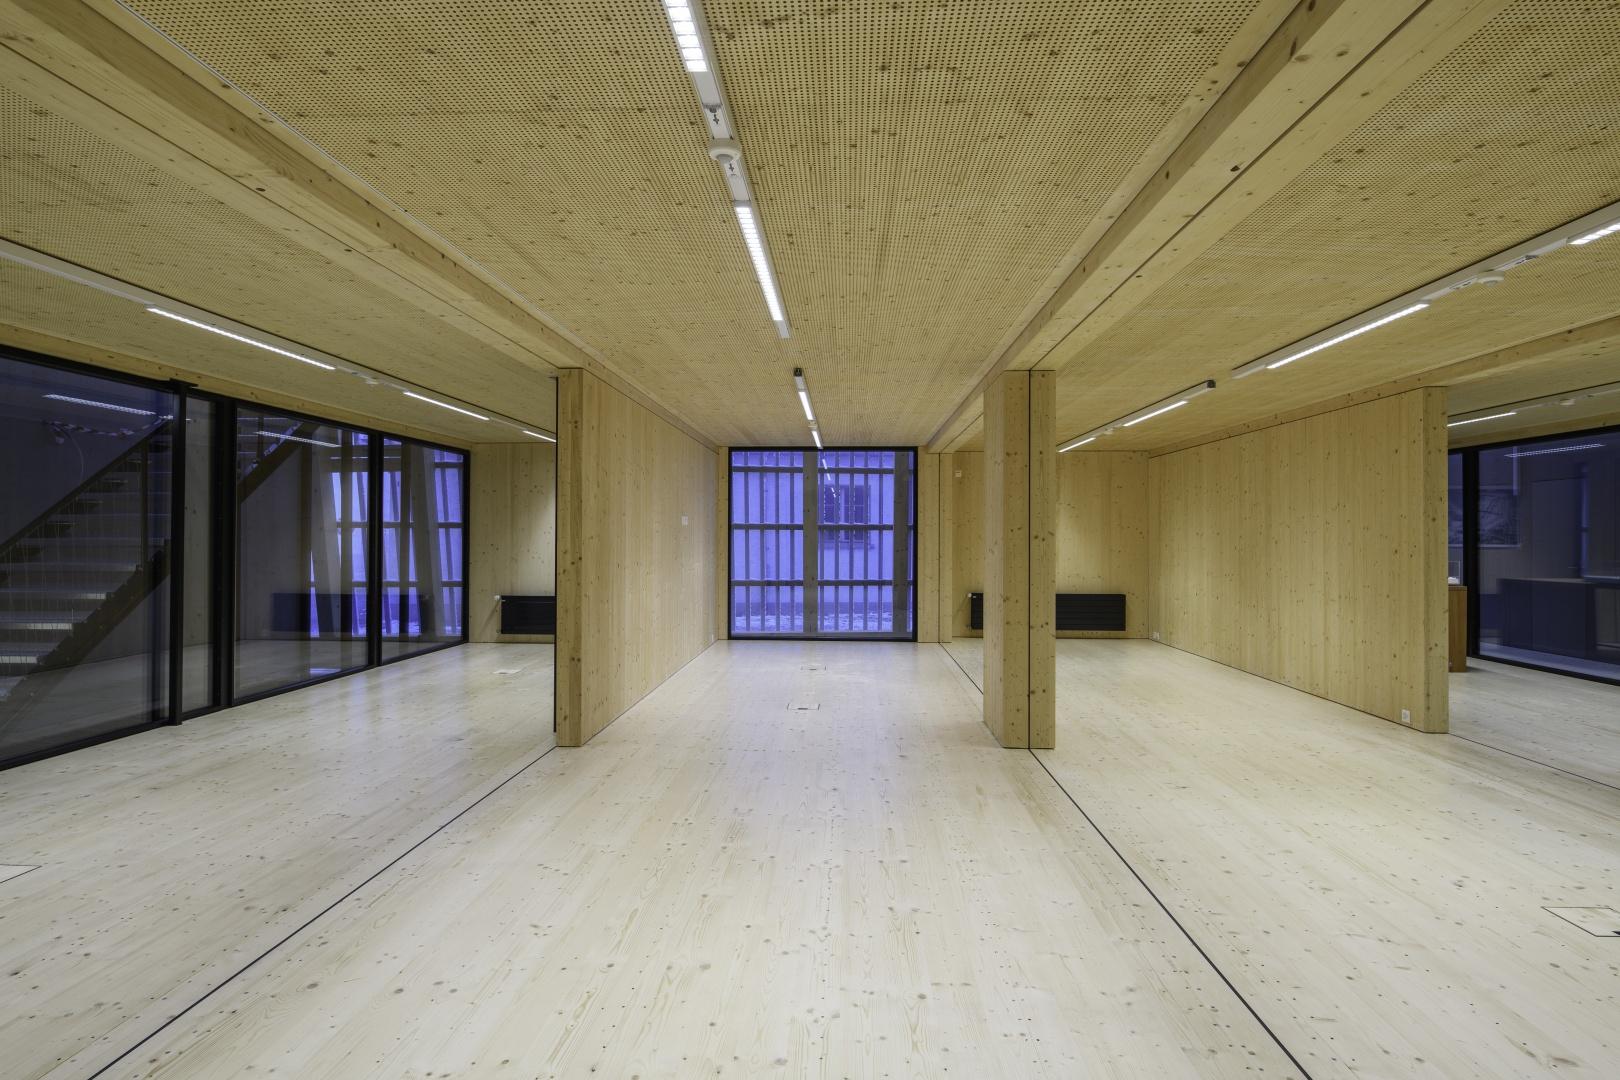 Innenraum EG, Module von innen © Blumer-Lehmann AG, Erlenhof, CH-9200 Gossau